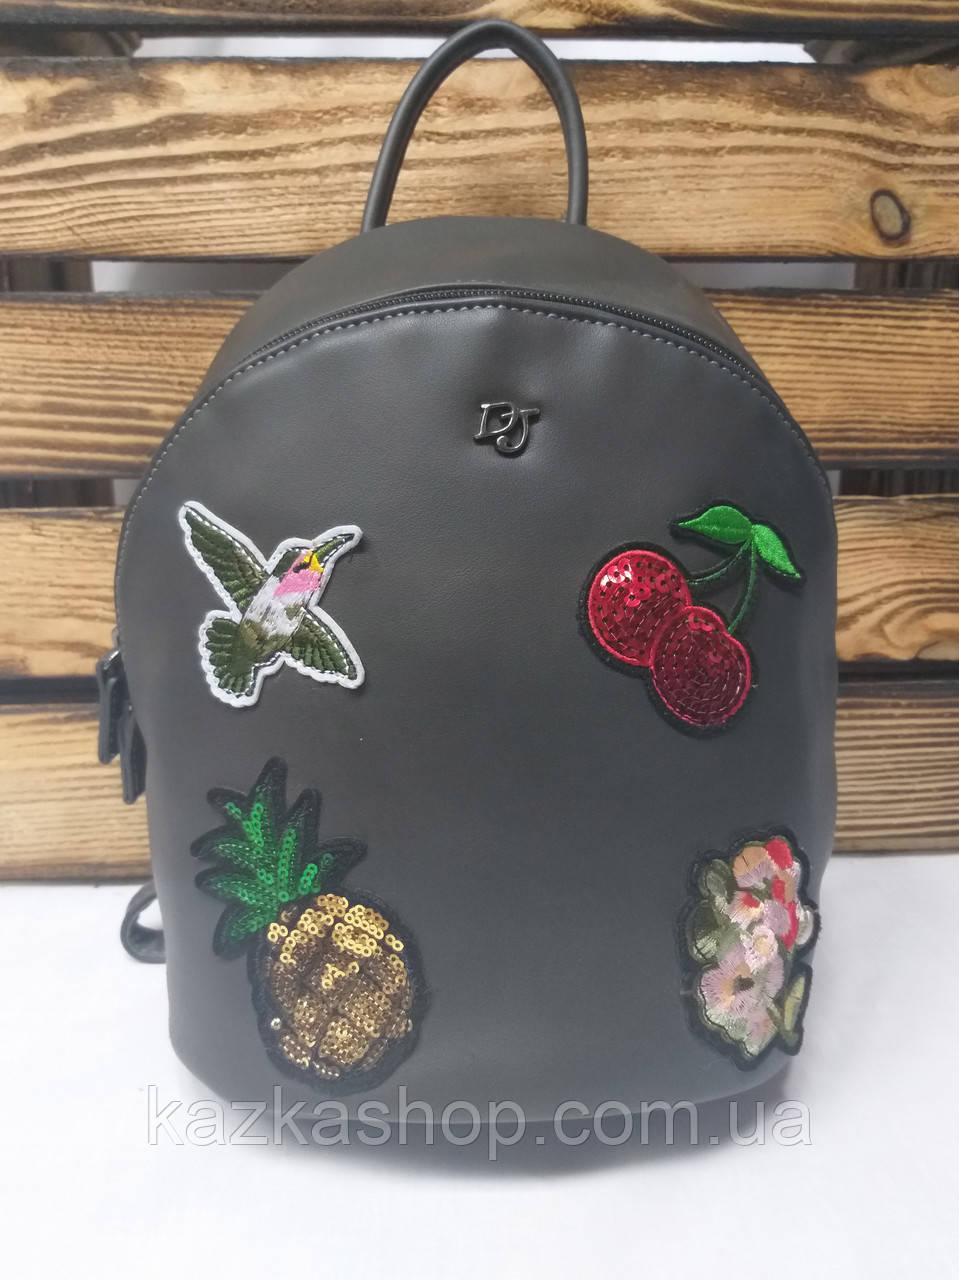 Женский рюкзак серого цвета на один основной отдел, оригинальной вышивкой спереди и логотипом David Jones